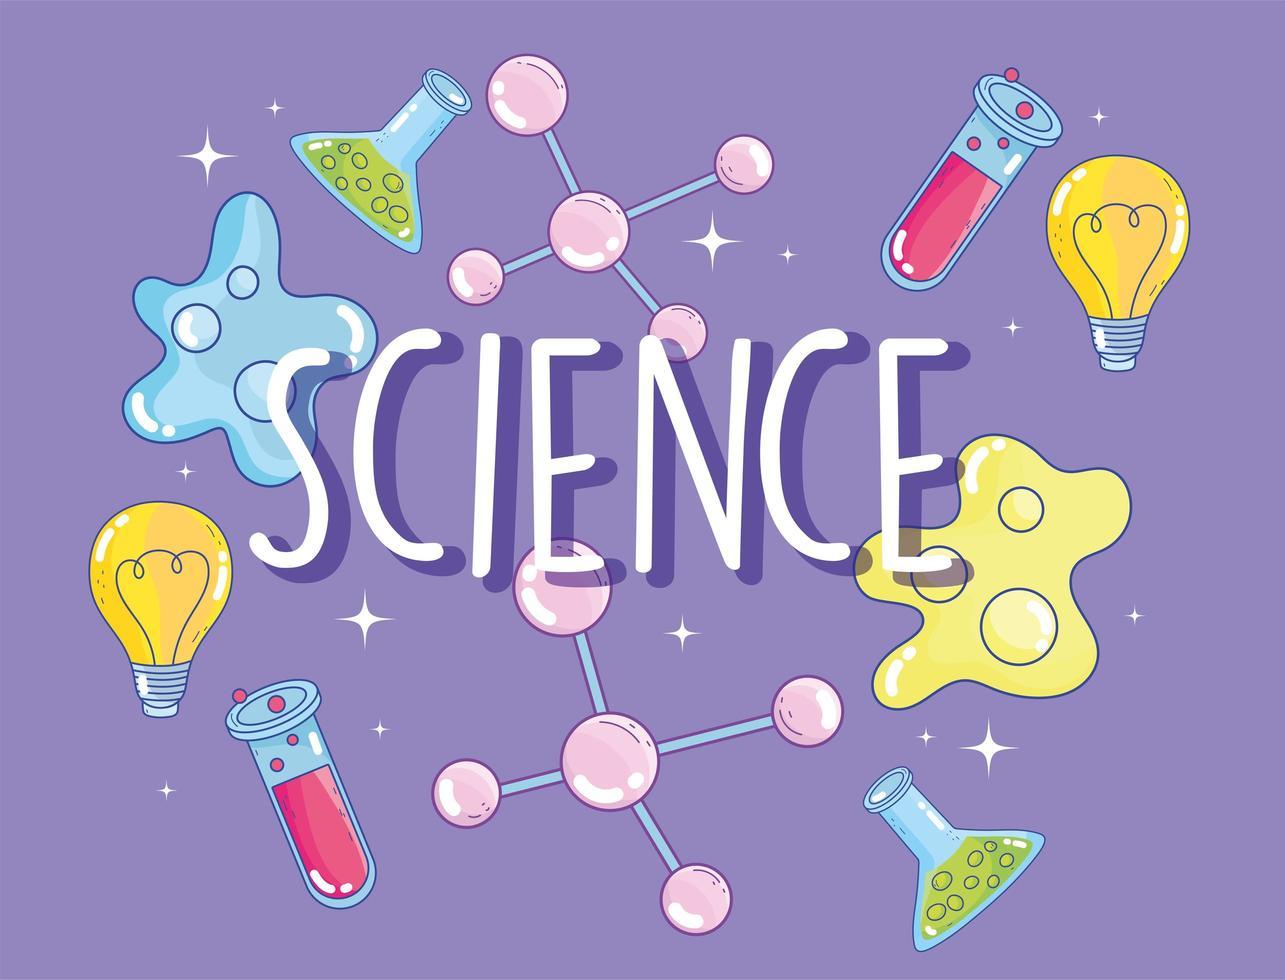 niedliche Wissenschaftsbeschriftung und Laborikonenfahnenschablone vektor